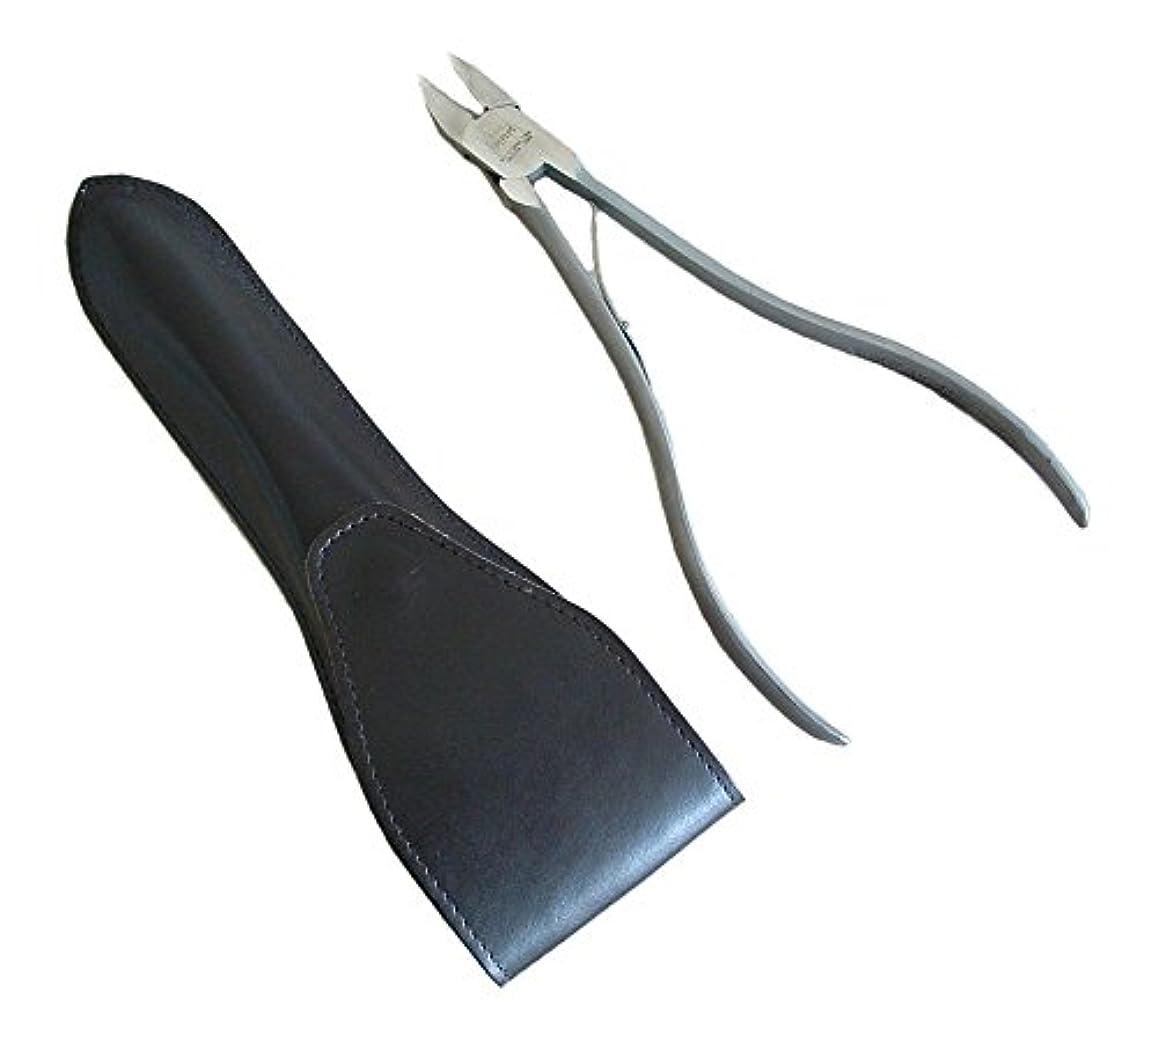 似ている知らせる時間タナカマイスター ロングニッパー型爪切り(レザーケース入り)